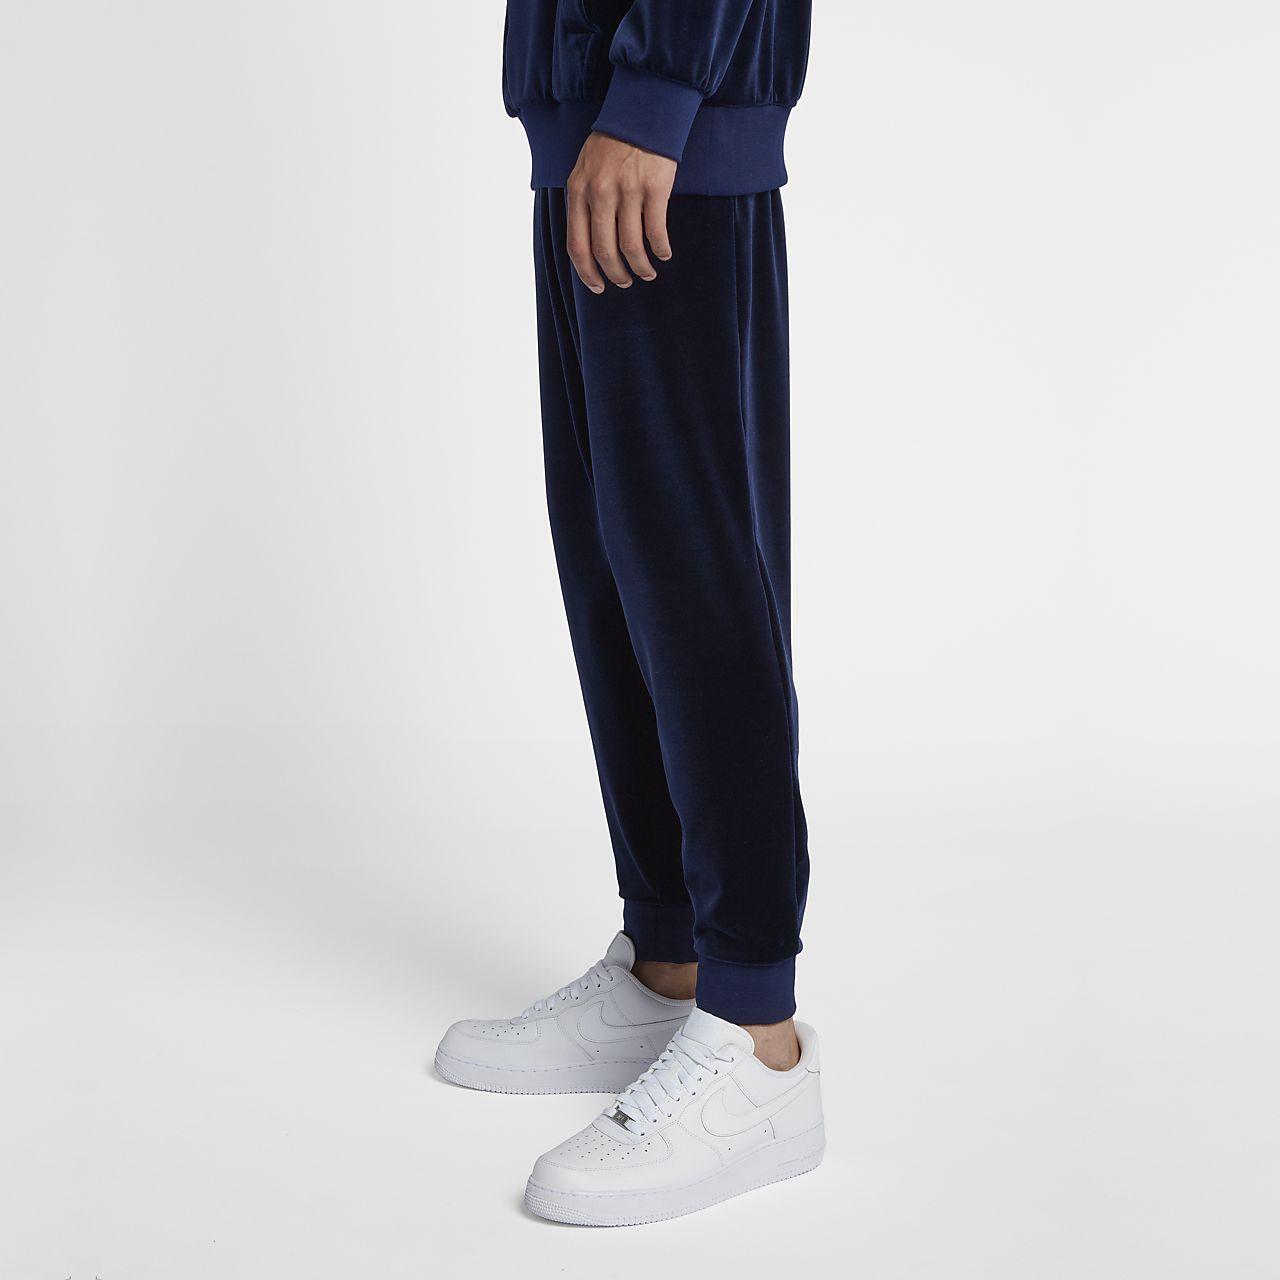 572a2e93f39a Low Resolution Nike Sportswear Men s Velour Trousers Nike Sportswear Men s  Velour Trousers